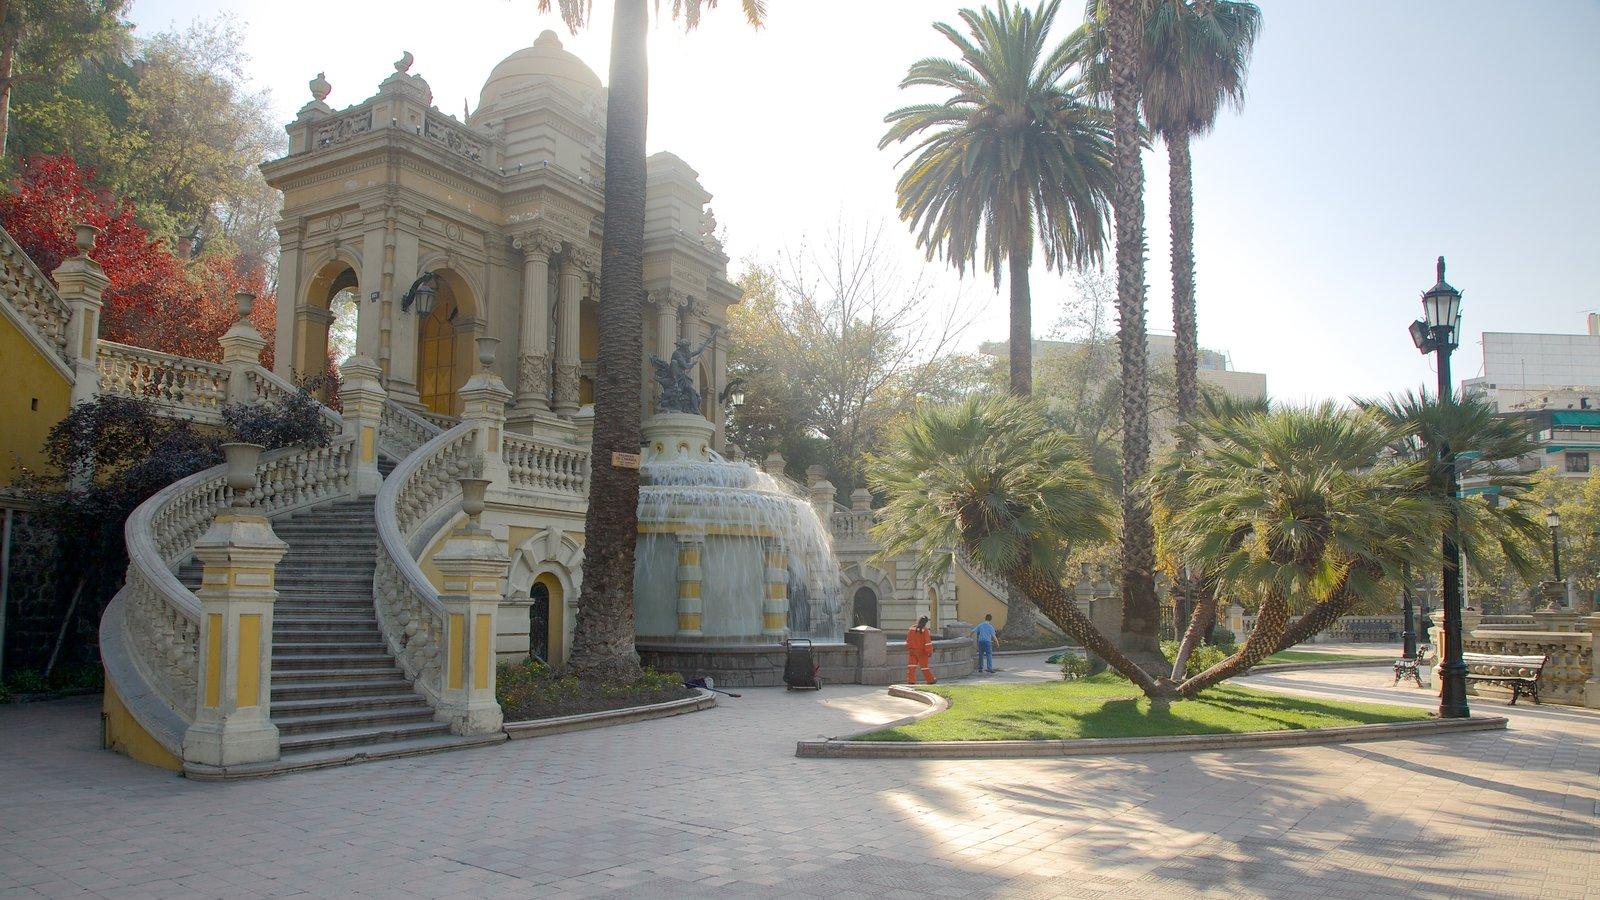 Cerro Santa Lucia caracterizando cenas de rua, um castelo e um jardim